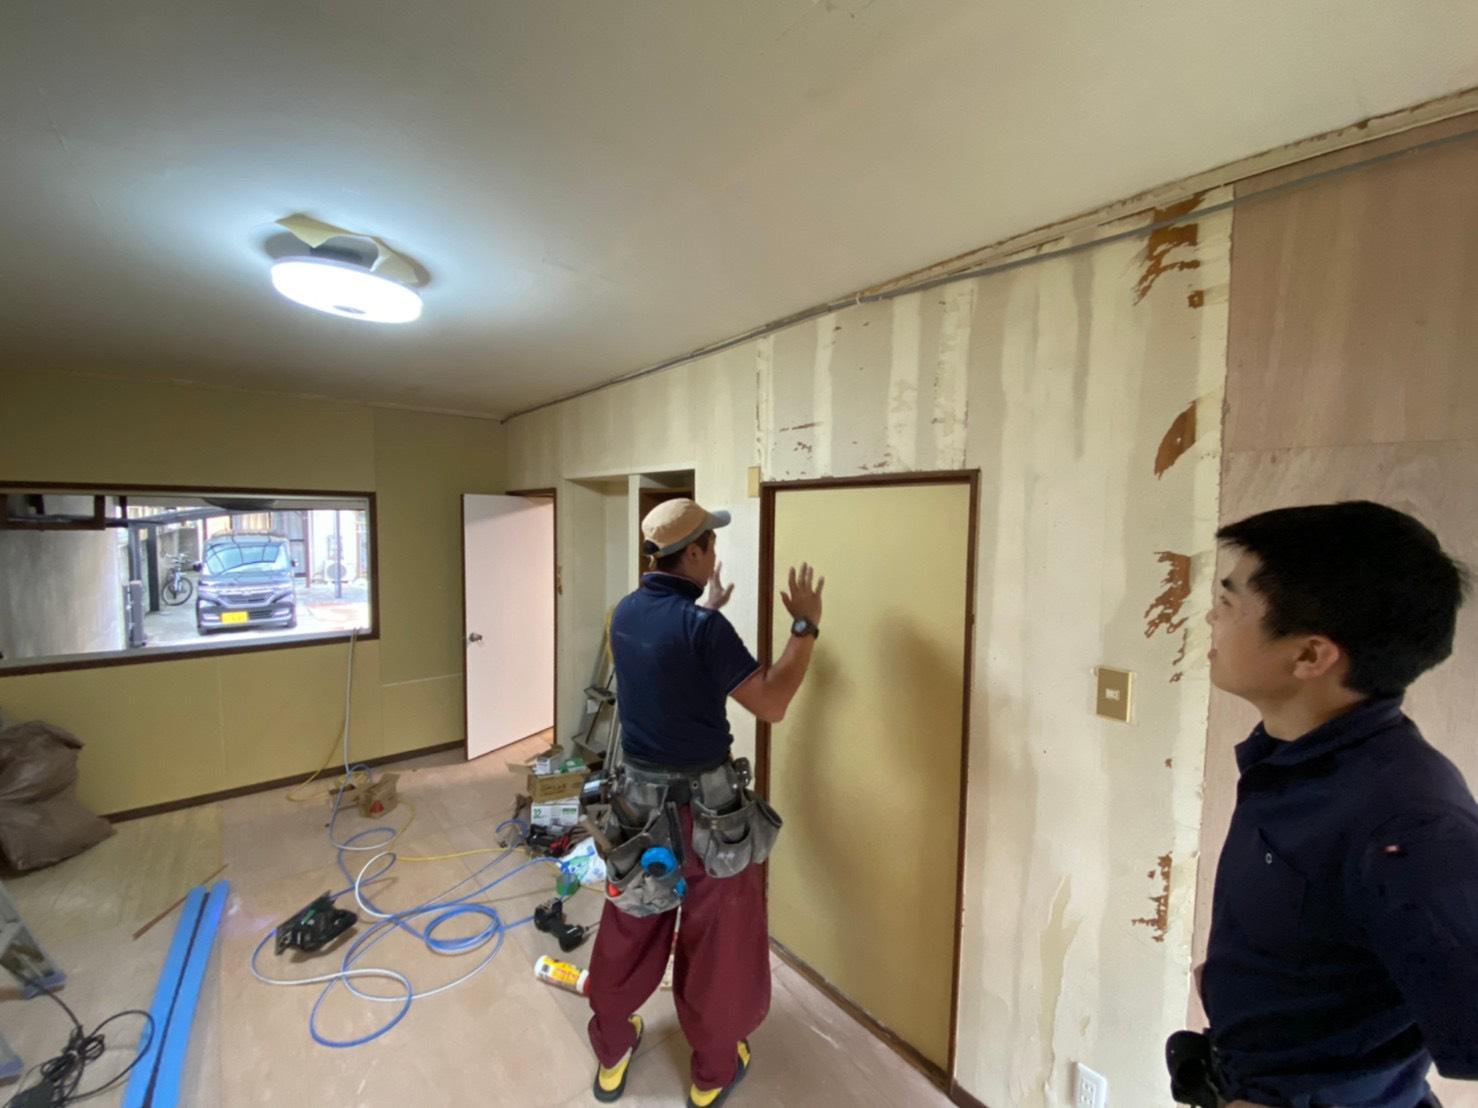 戸建て住宅 改装工事